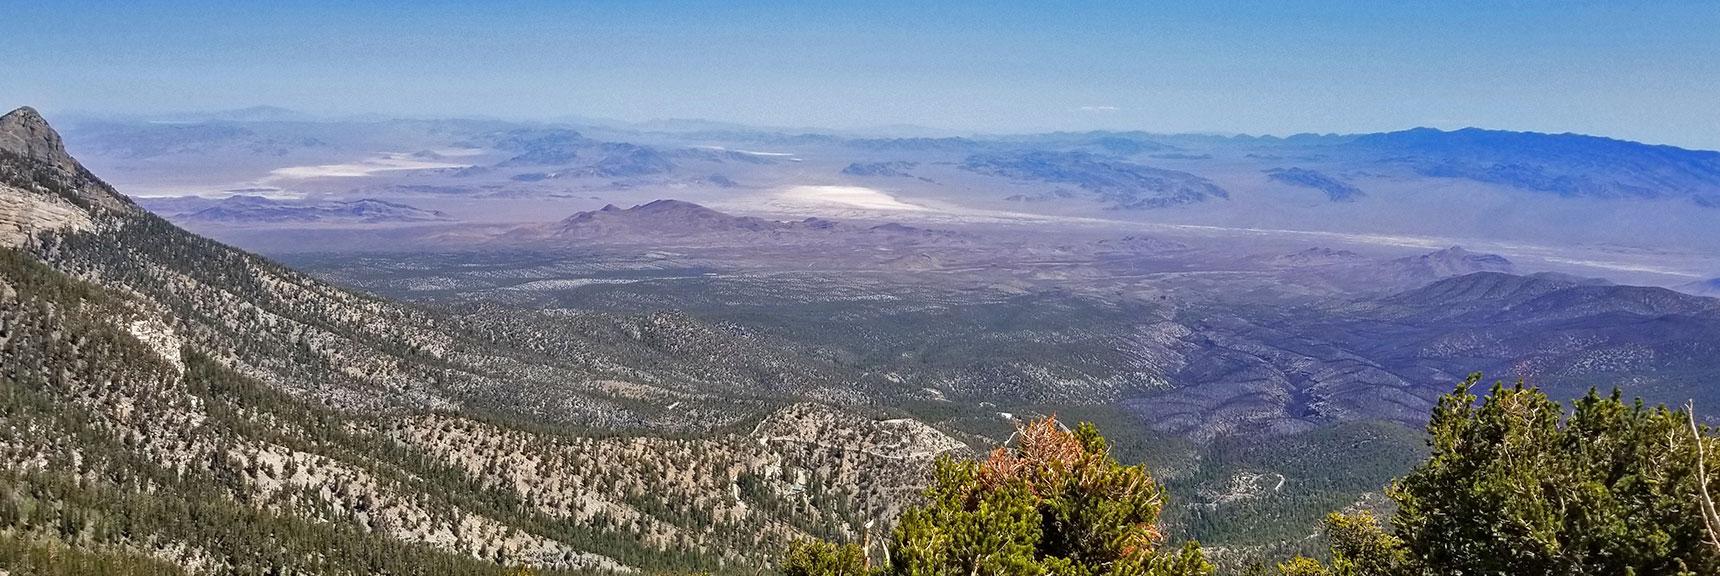 I-95 North Corridor and Sheep Range Viewed from Mummy's Toe Summit   Mummy Mountain's Toe, Mt. Charleston Wilderness, Nevada